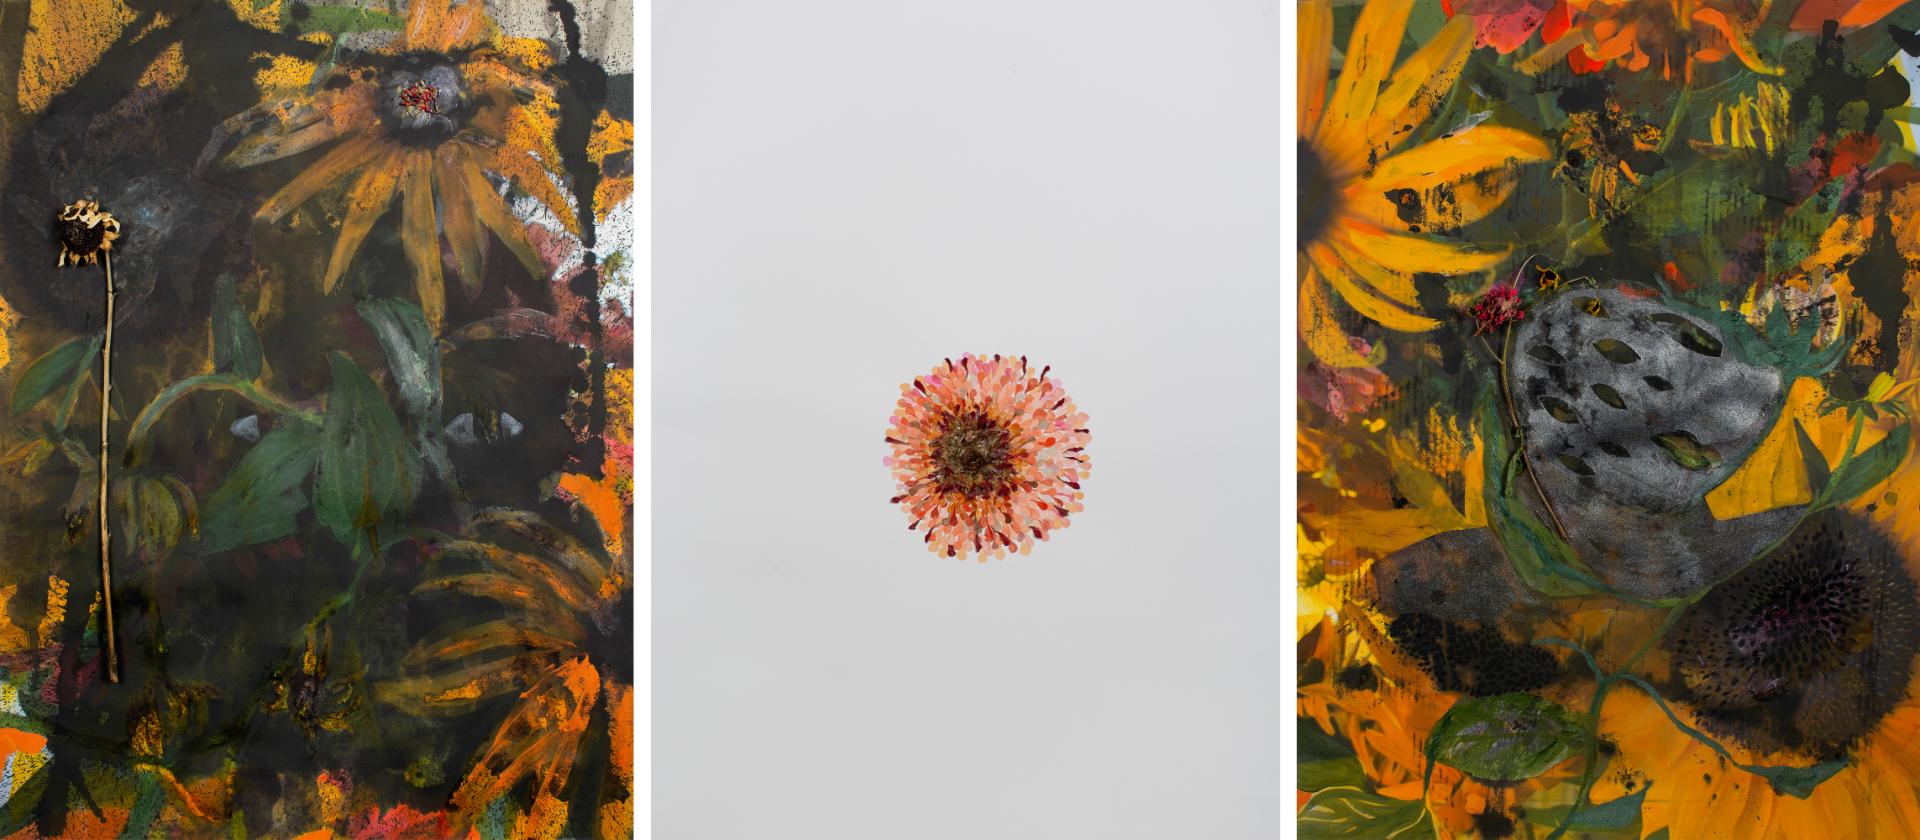 Maria Magdalena Compos-Pons at Art Dubai 2020